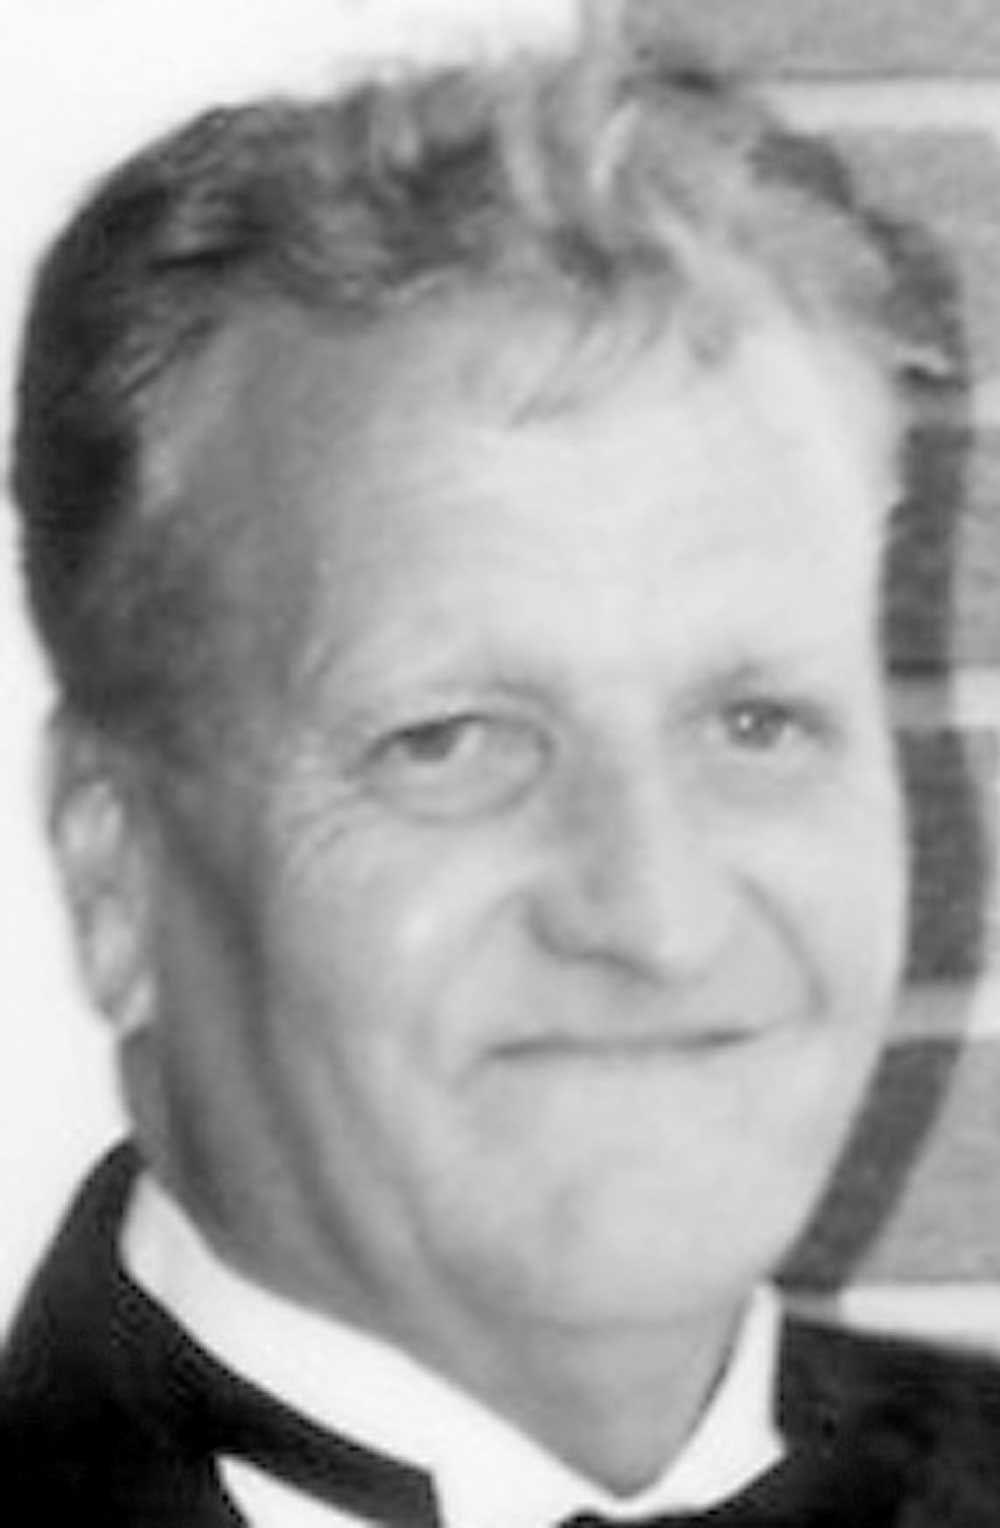 Glavis P. Summerfield